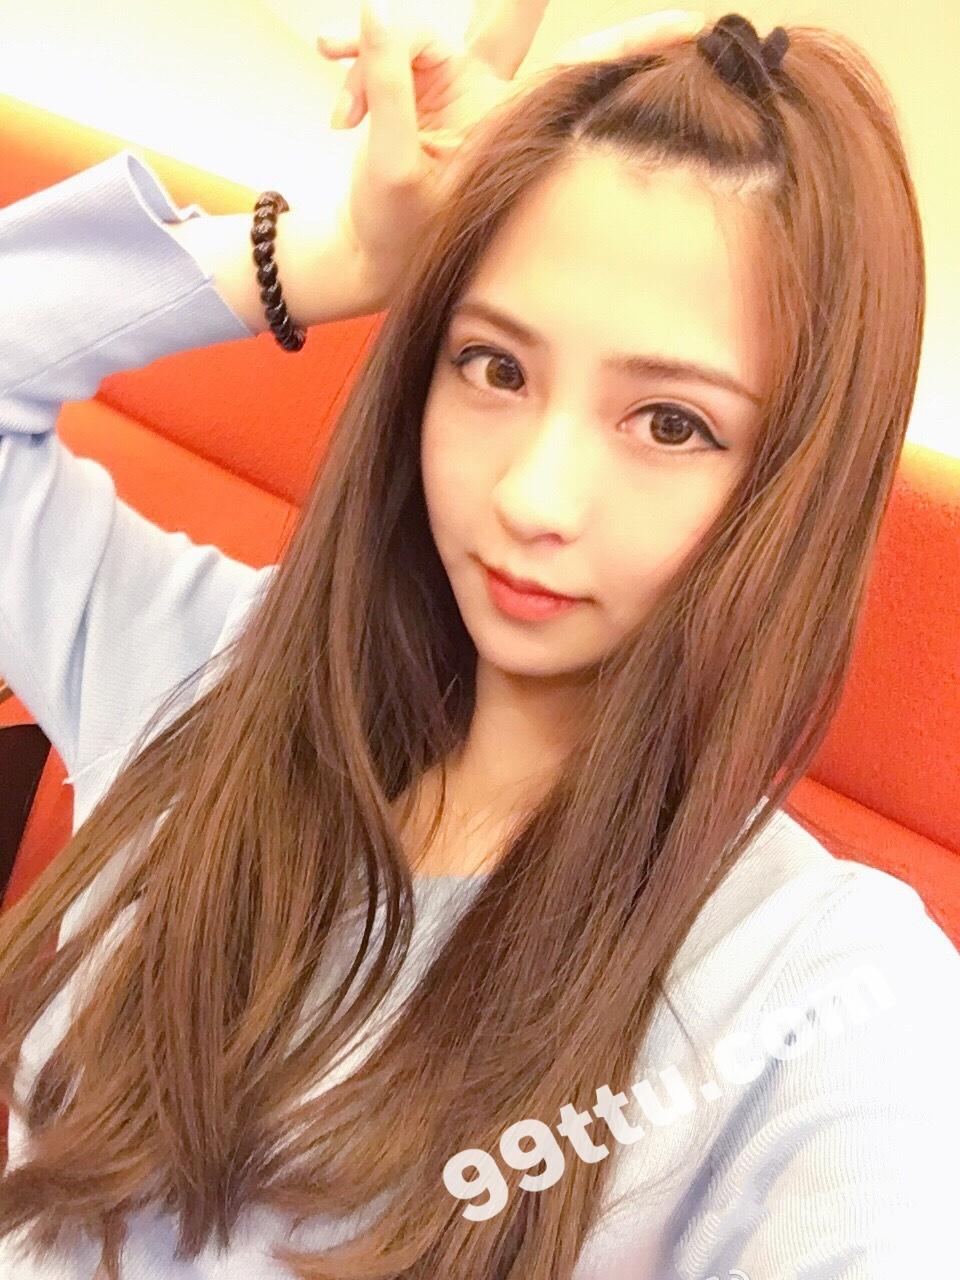 KK62_304张图+21视频 时尚美女网恋真实生活照-11